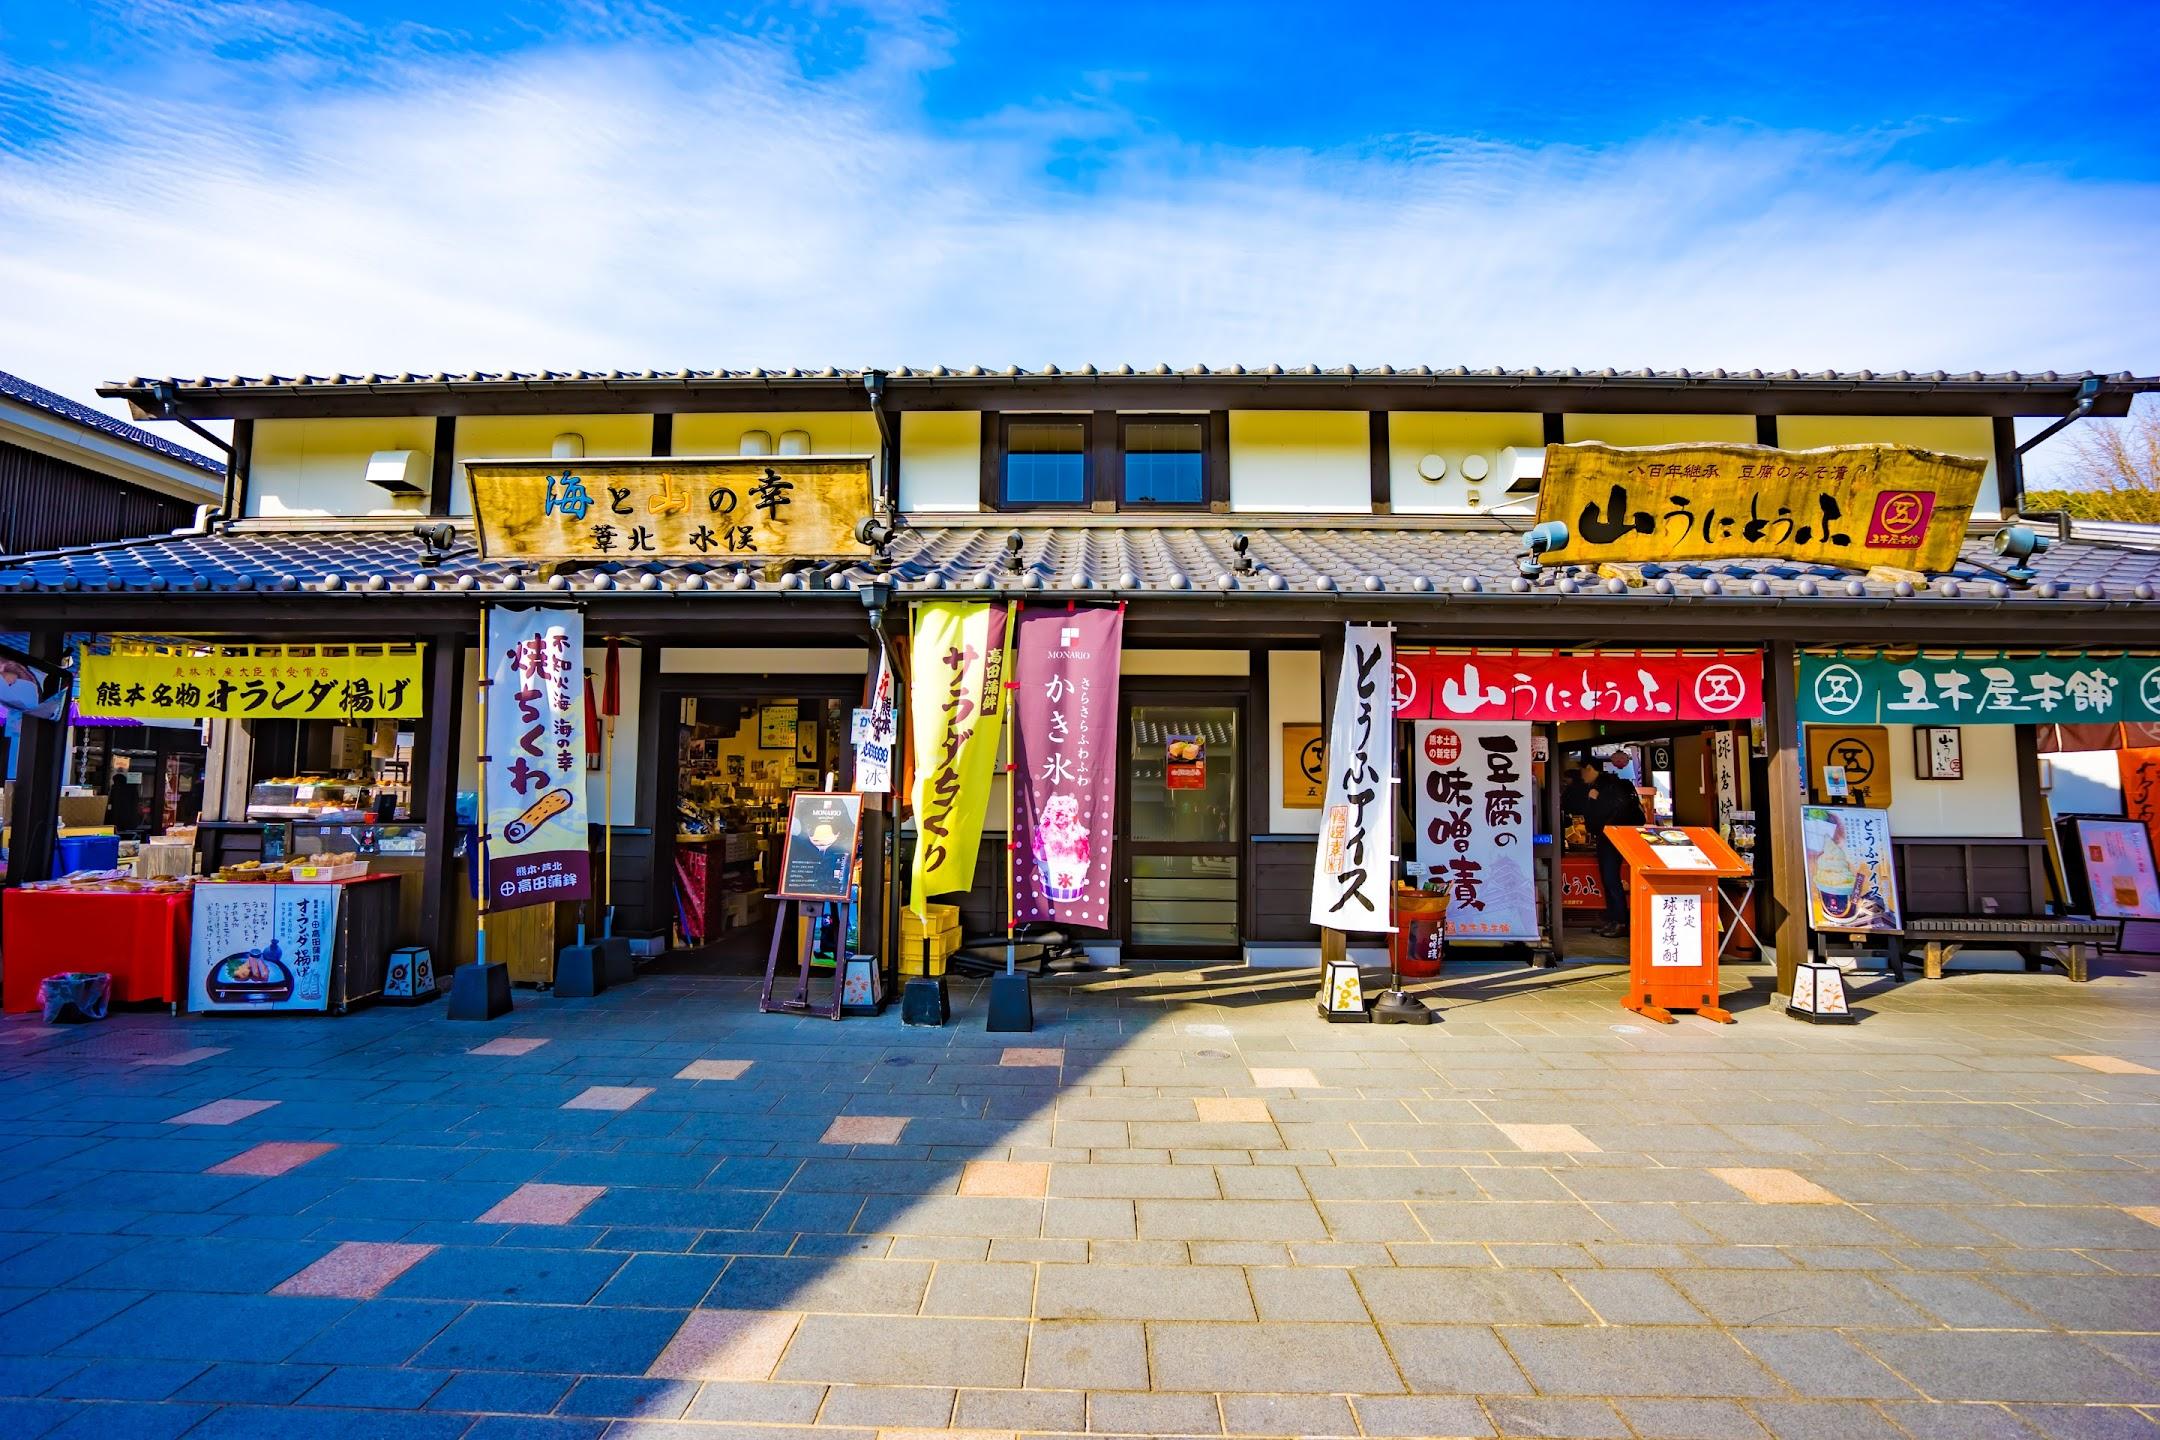 熊本城 桜の馬場 城彩苑